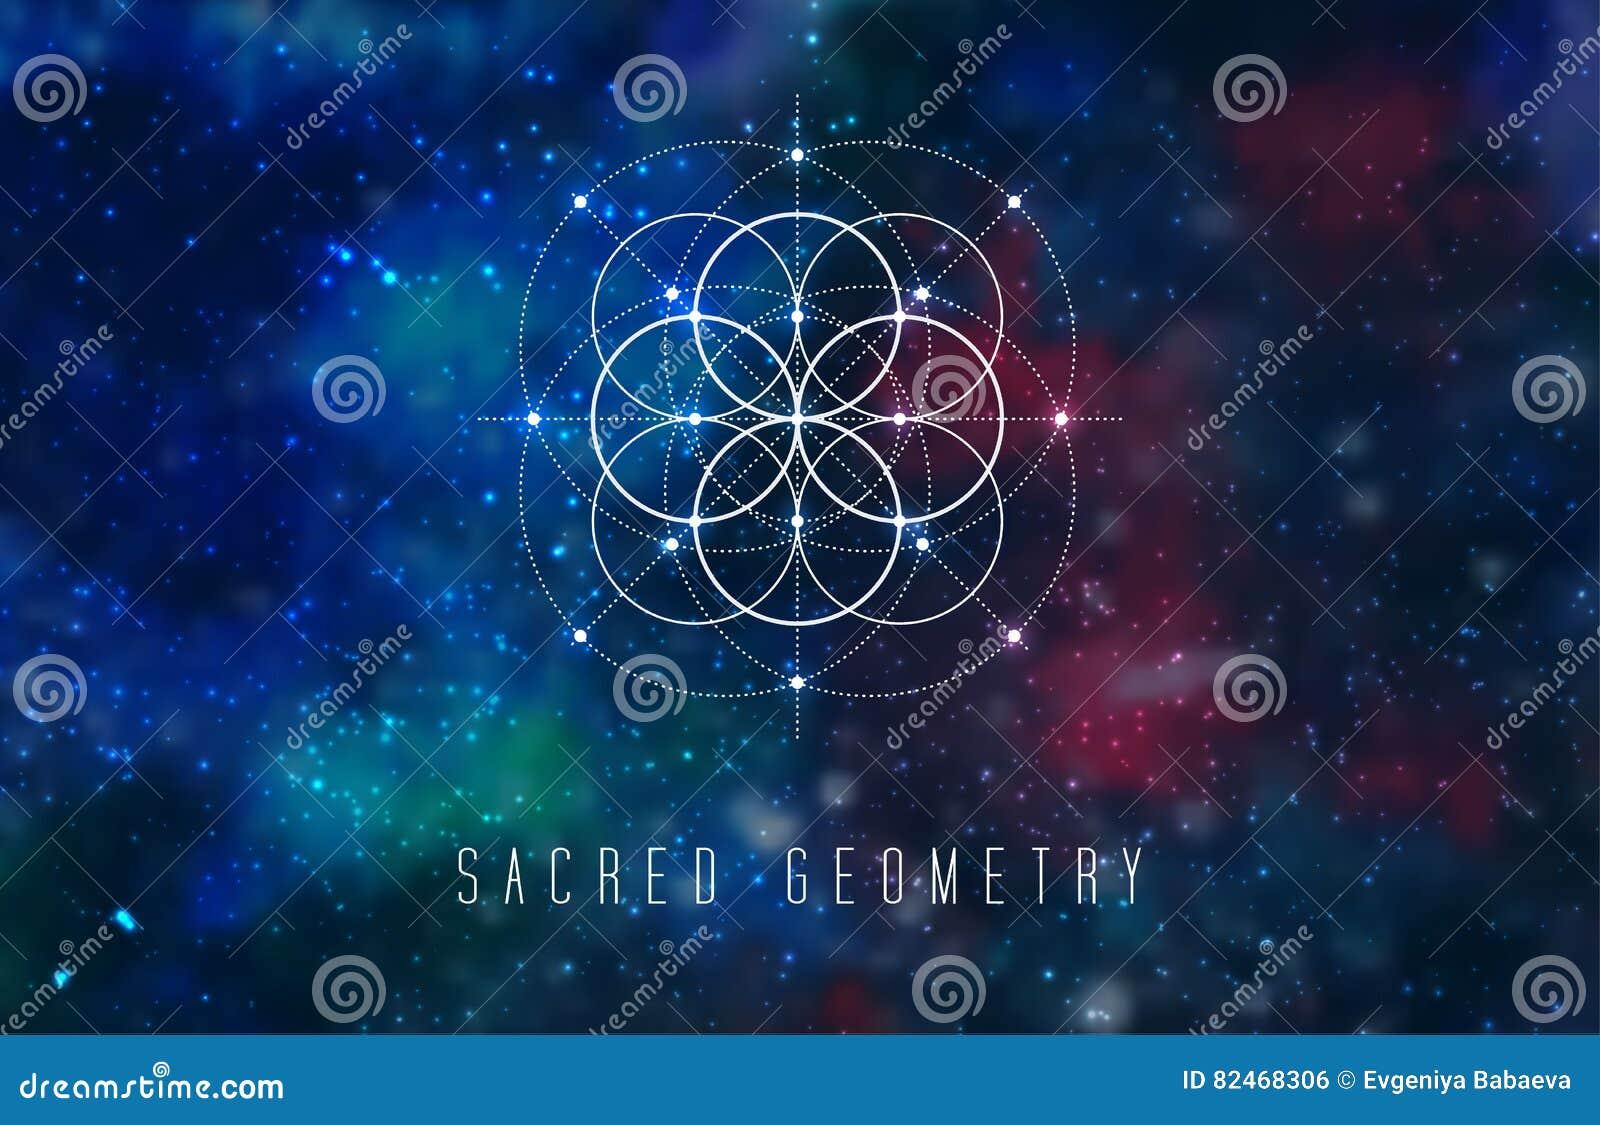 Het heilige element van het meetkunde vectorontwerp op een abstracte kosmische achtergrond